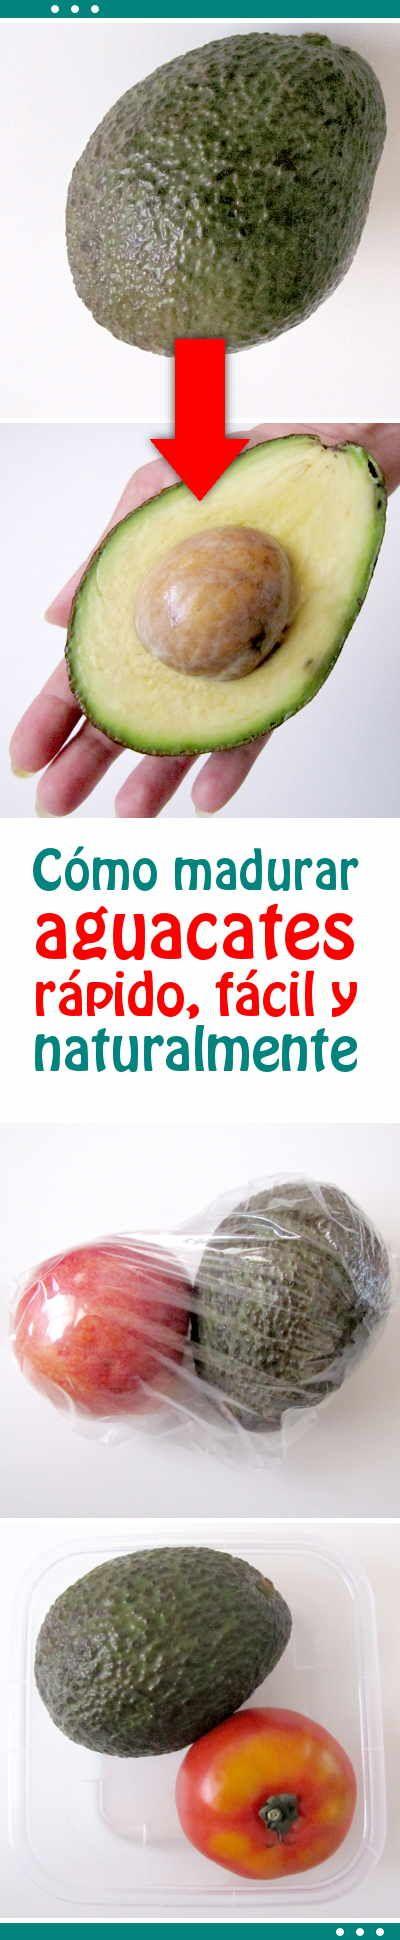 Cómo madurar aguacates rápido, fácil y naturalmente #madurar #aguacate #trucos #tips